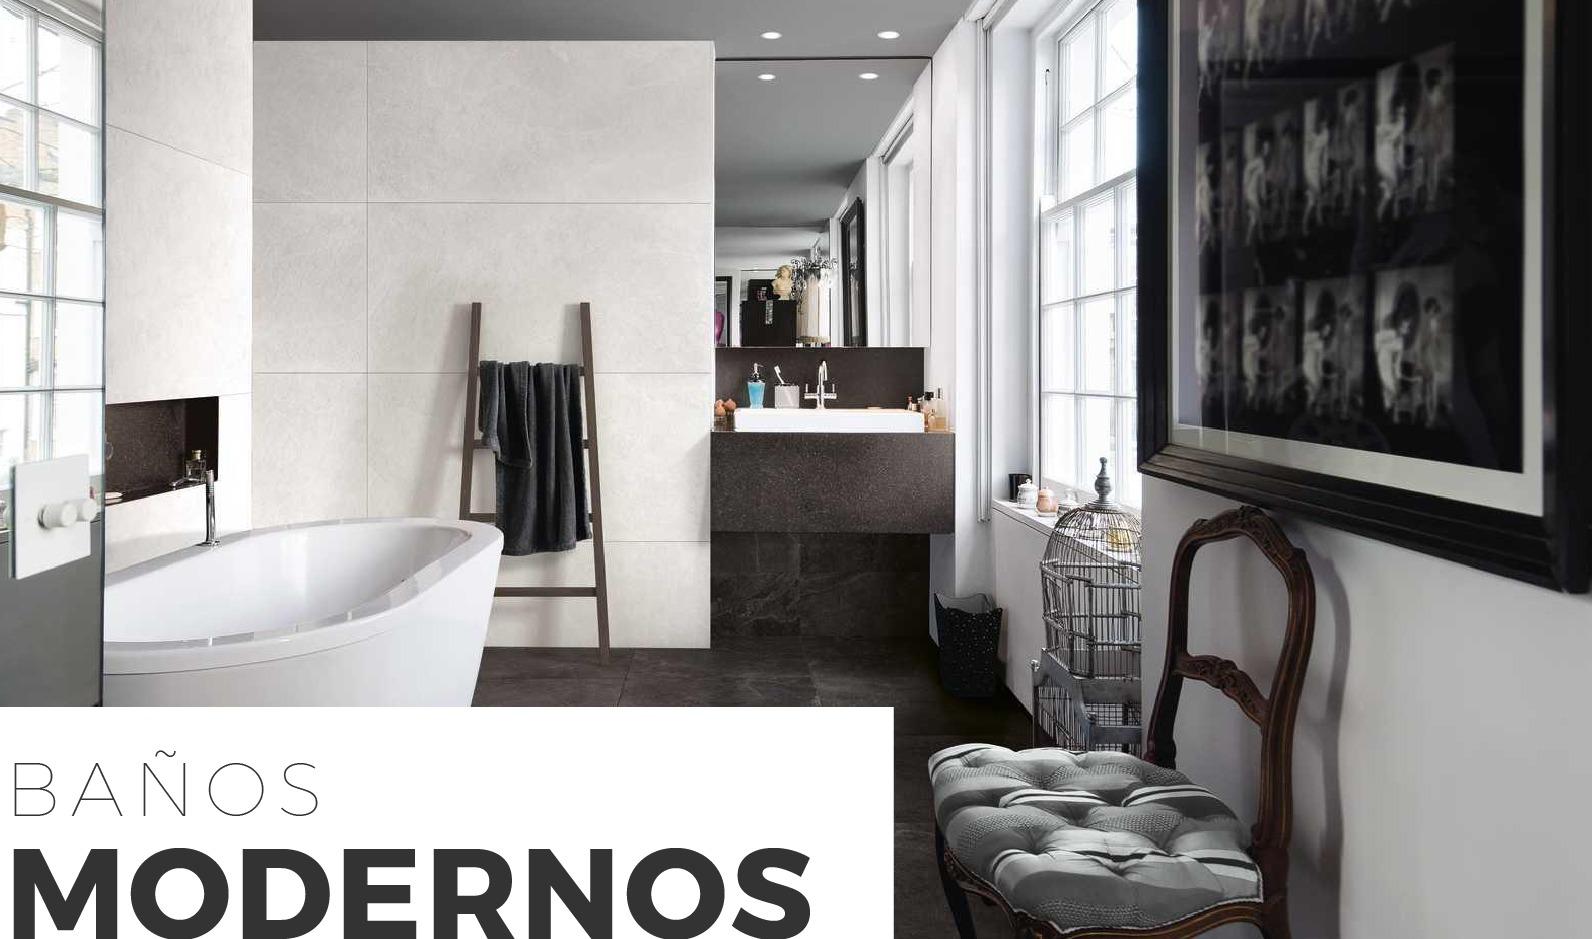 baños modernos sevilla